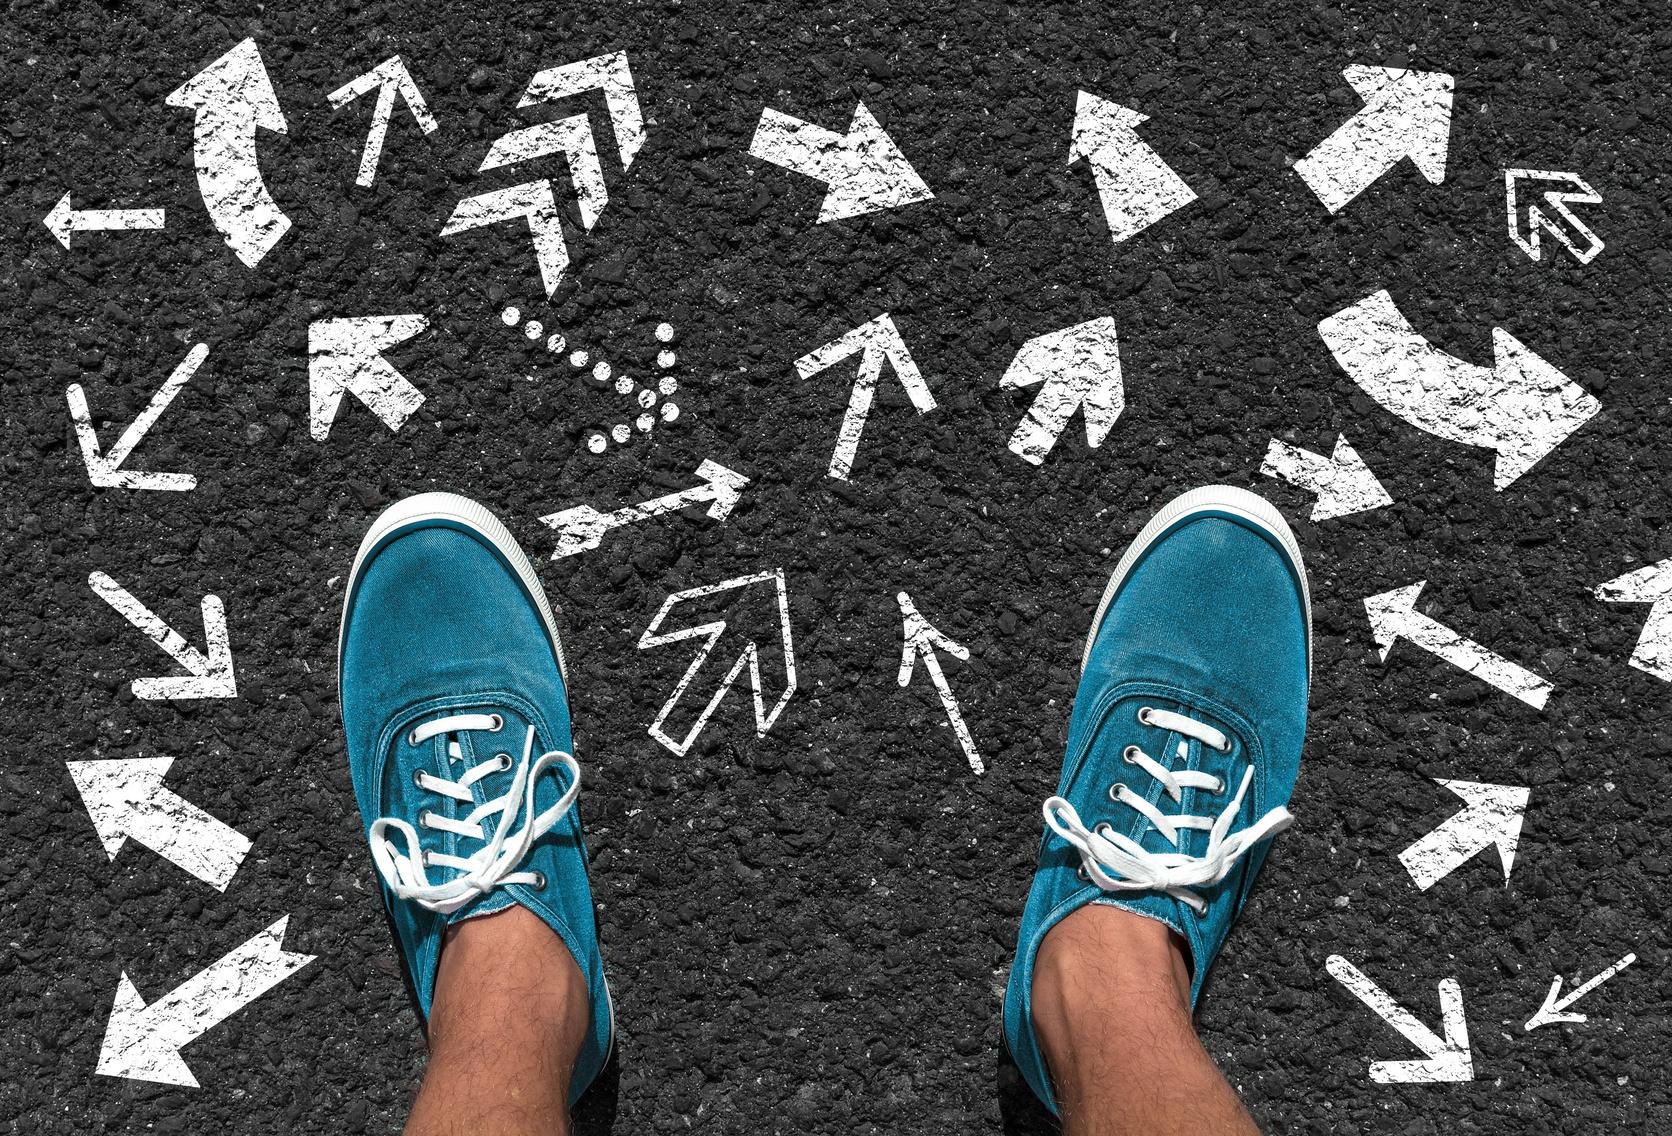 街コンレポート_男性の足とアスファルトに沢山の矢印が書かれている